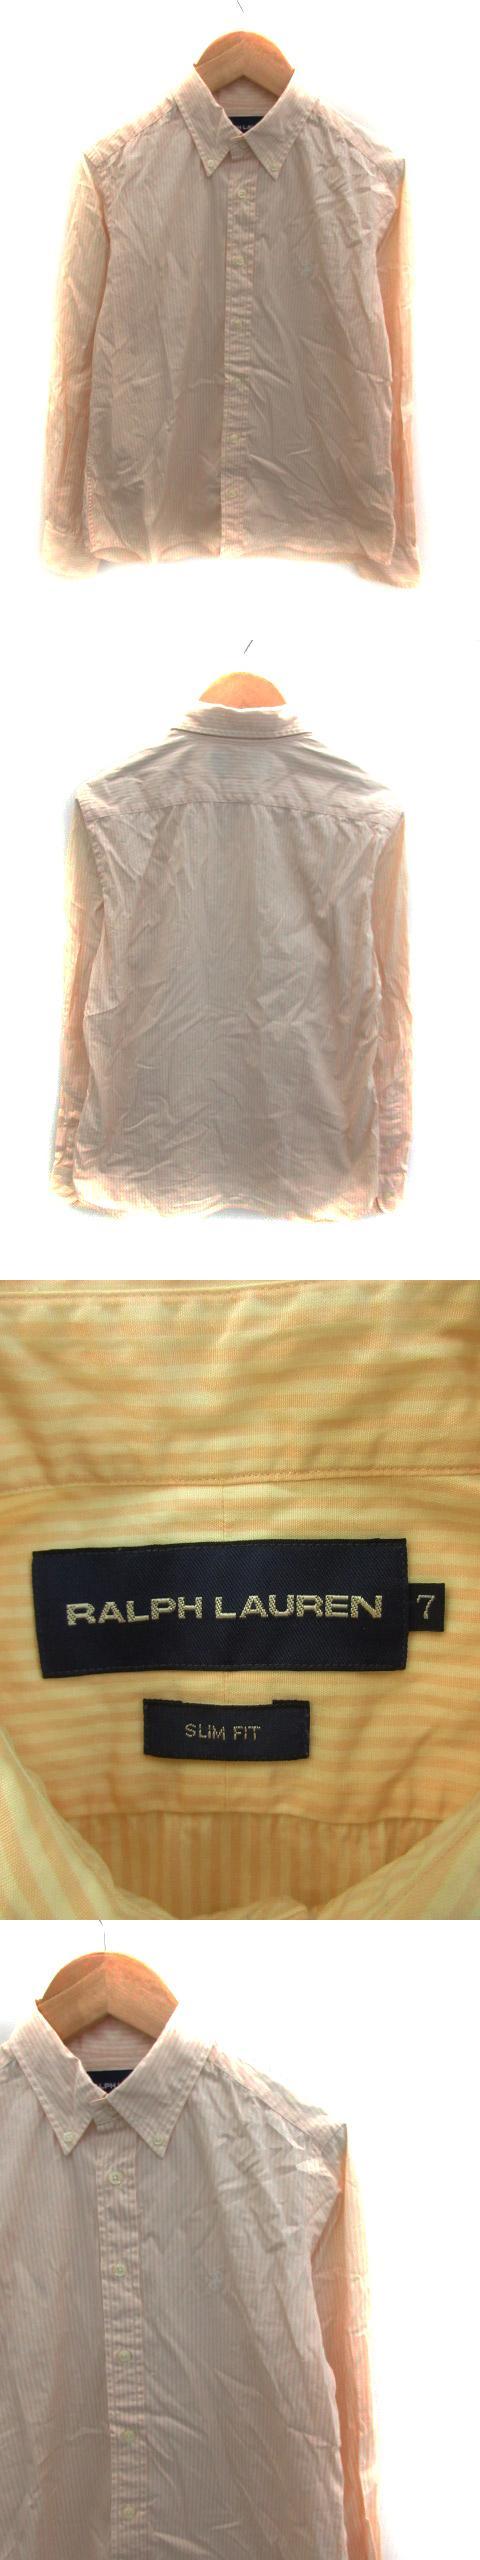 シャツ カジュアル ボタンダウン 長袖 ストライプ柄 ロゴ刺繍 7 ベージュ /NS19